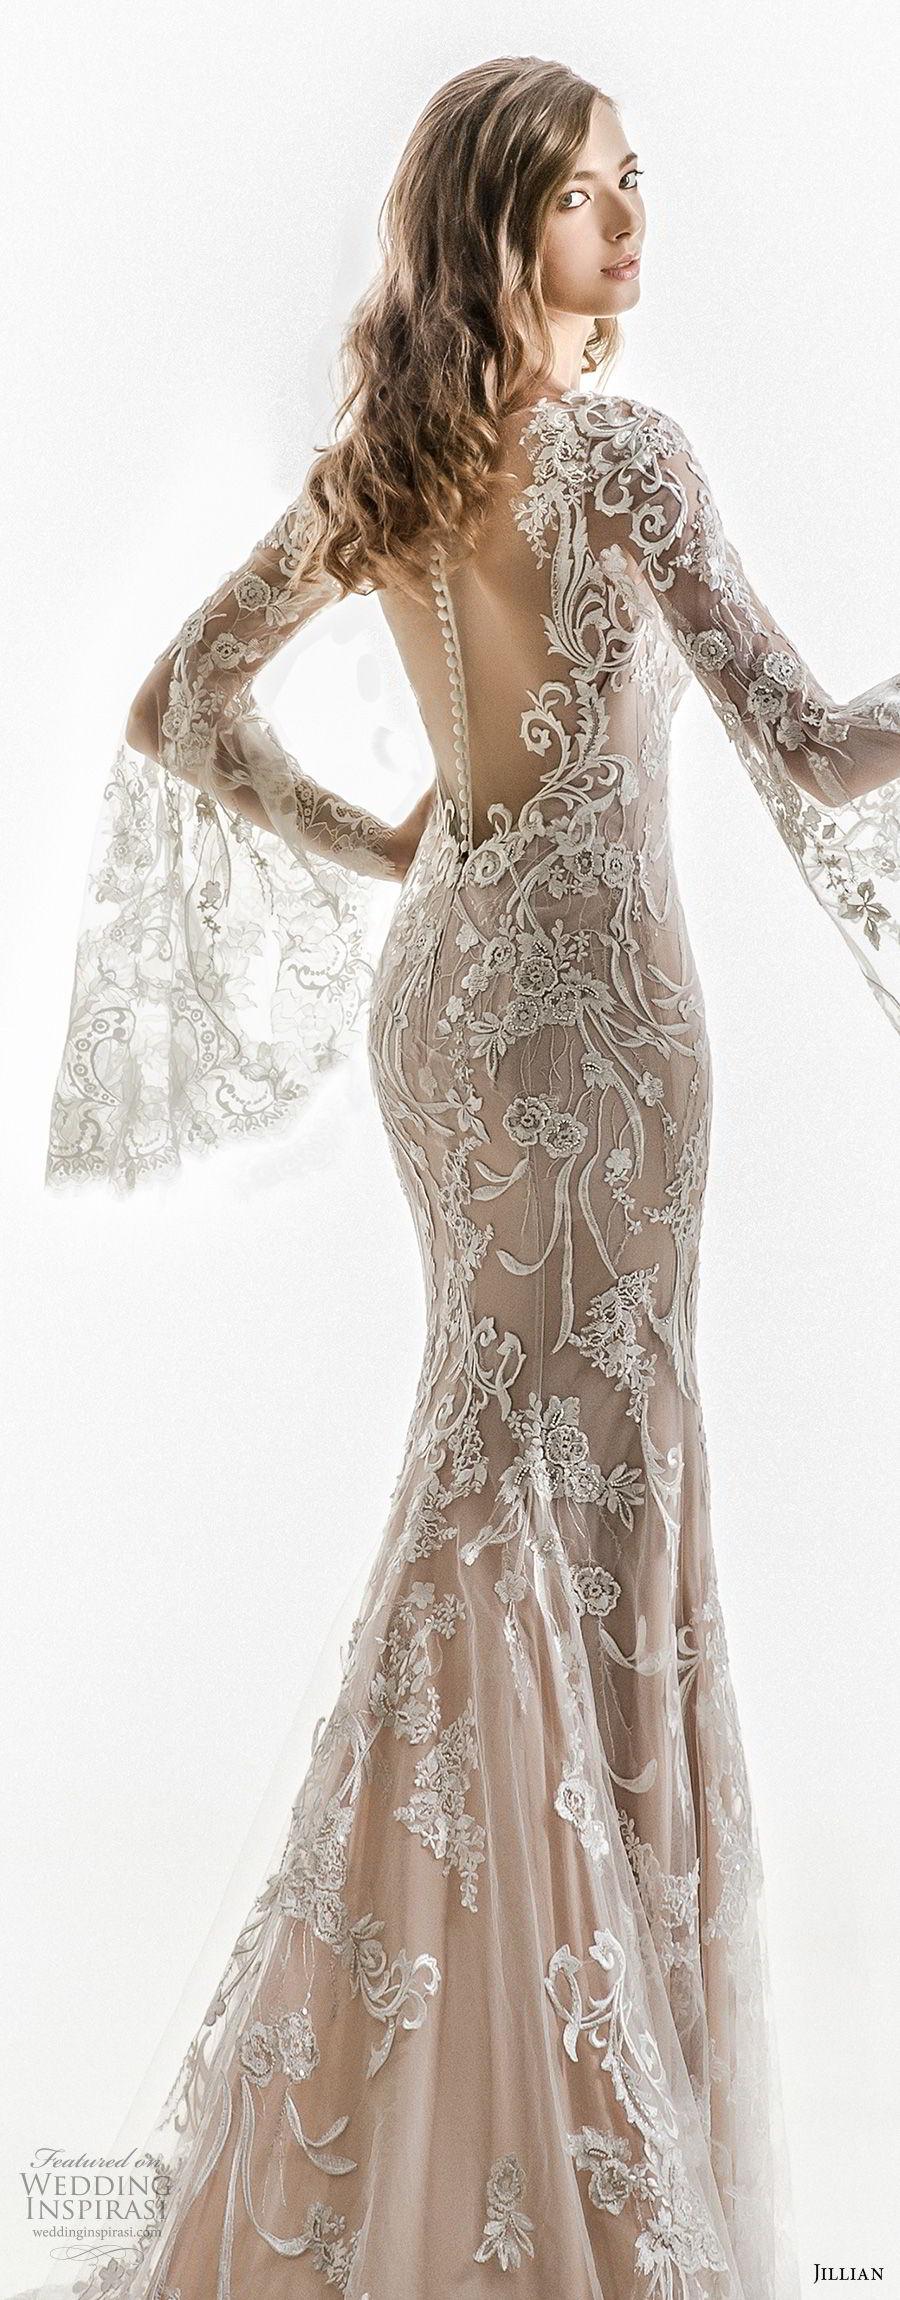 jillian 2018 bridal long bell sleeves sheer boat sweetheart neckline full embellishment elegant sheath wedding dress sheer button back chapel train (01) zbv